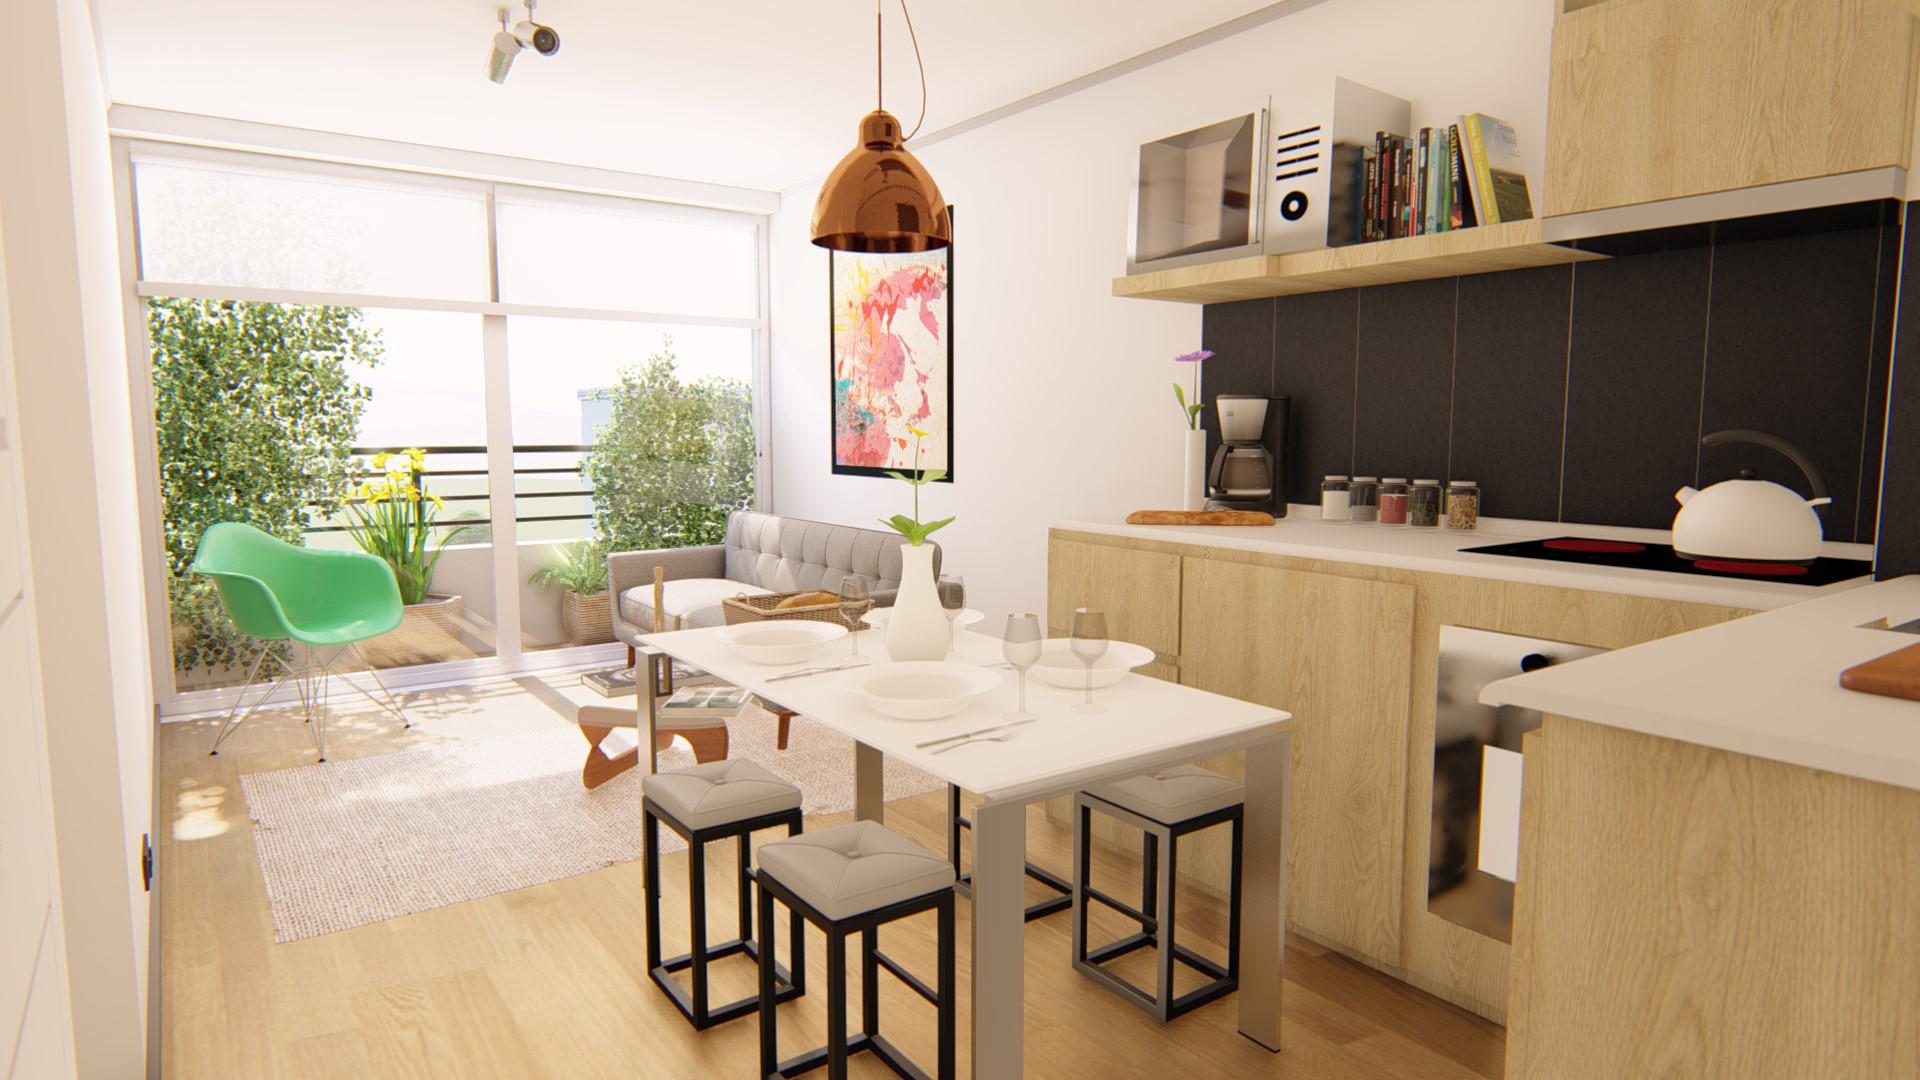 05-proyecto-ceppi-la_cisterna-cocina-grupo_axion